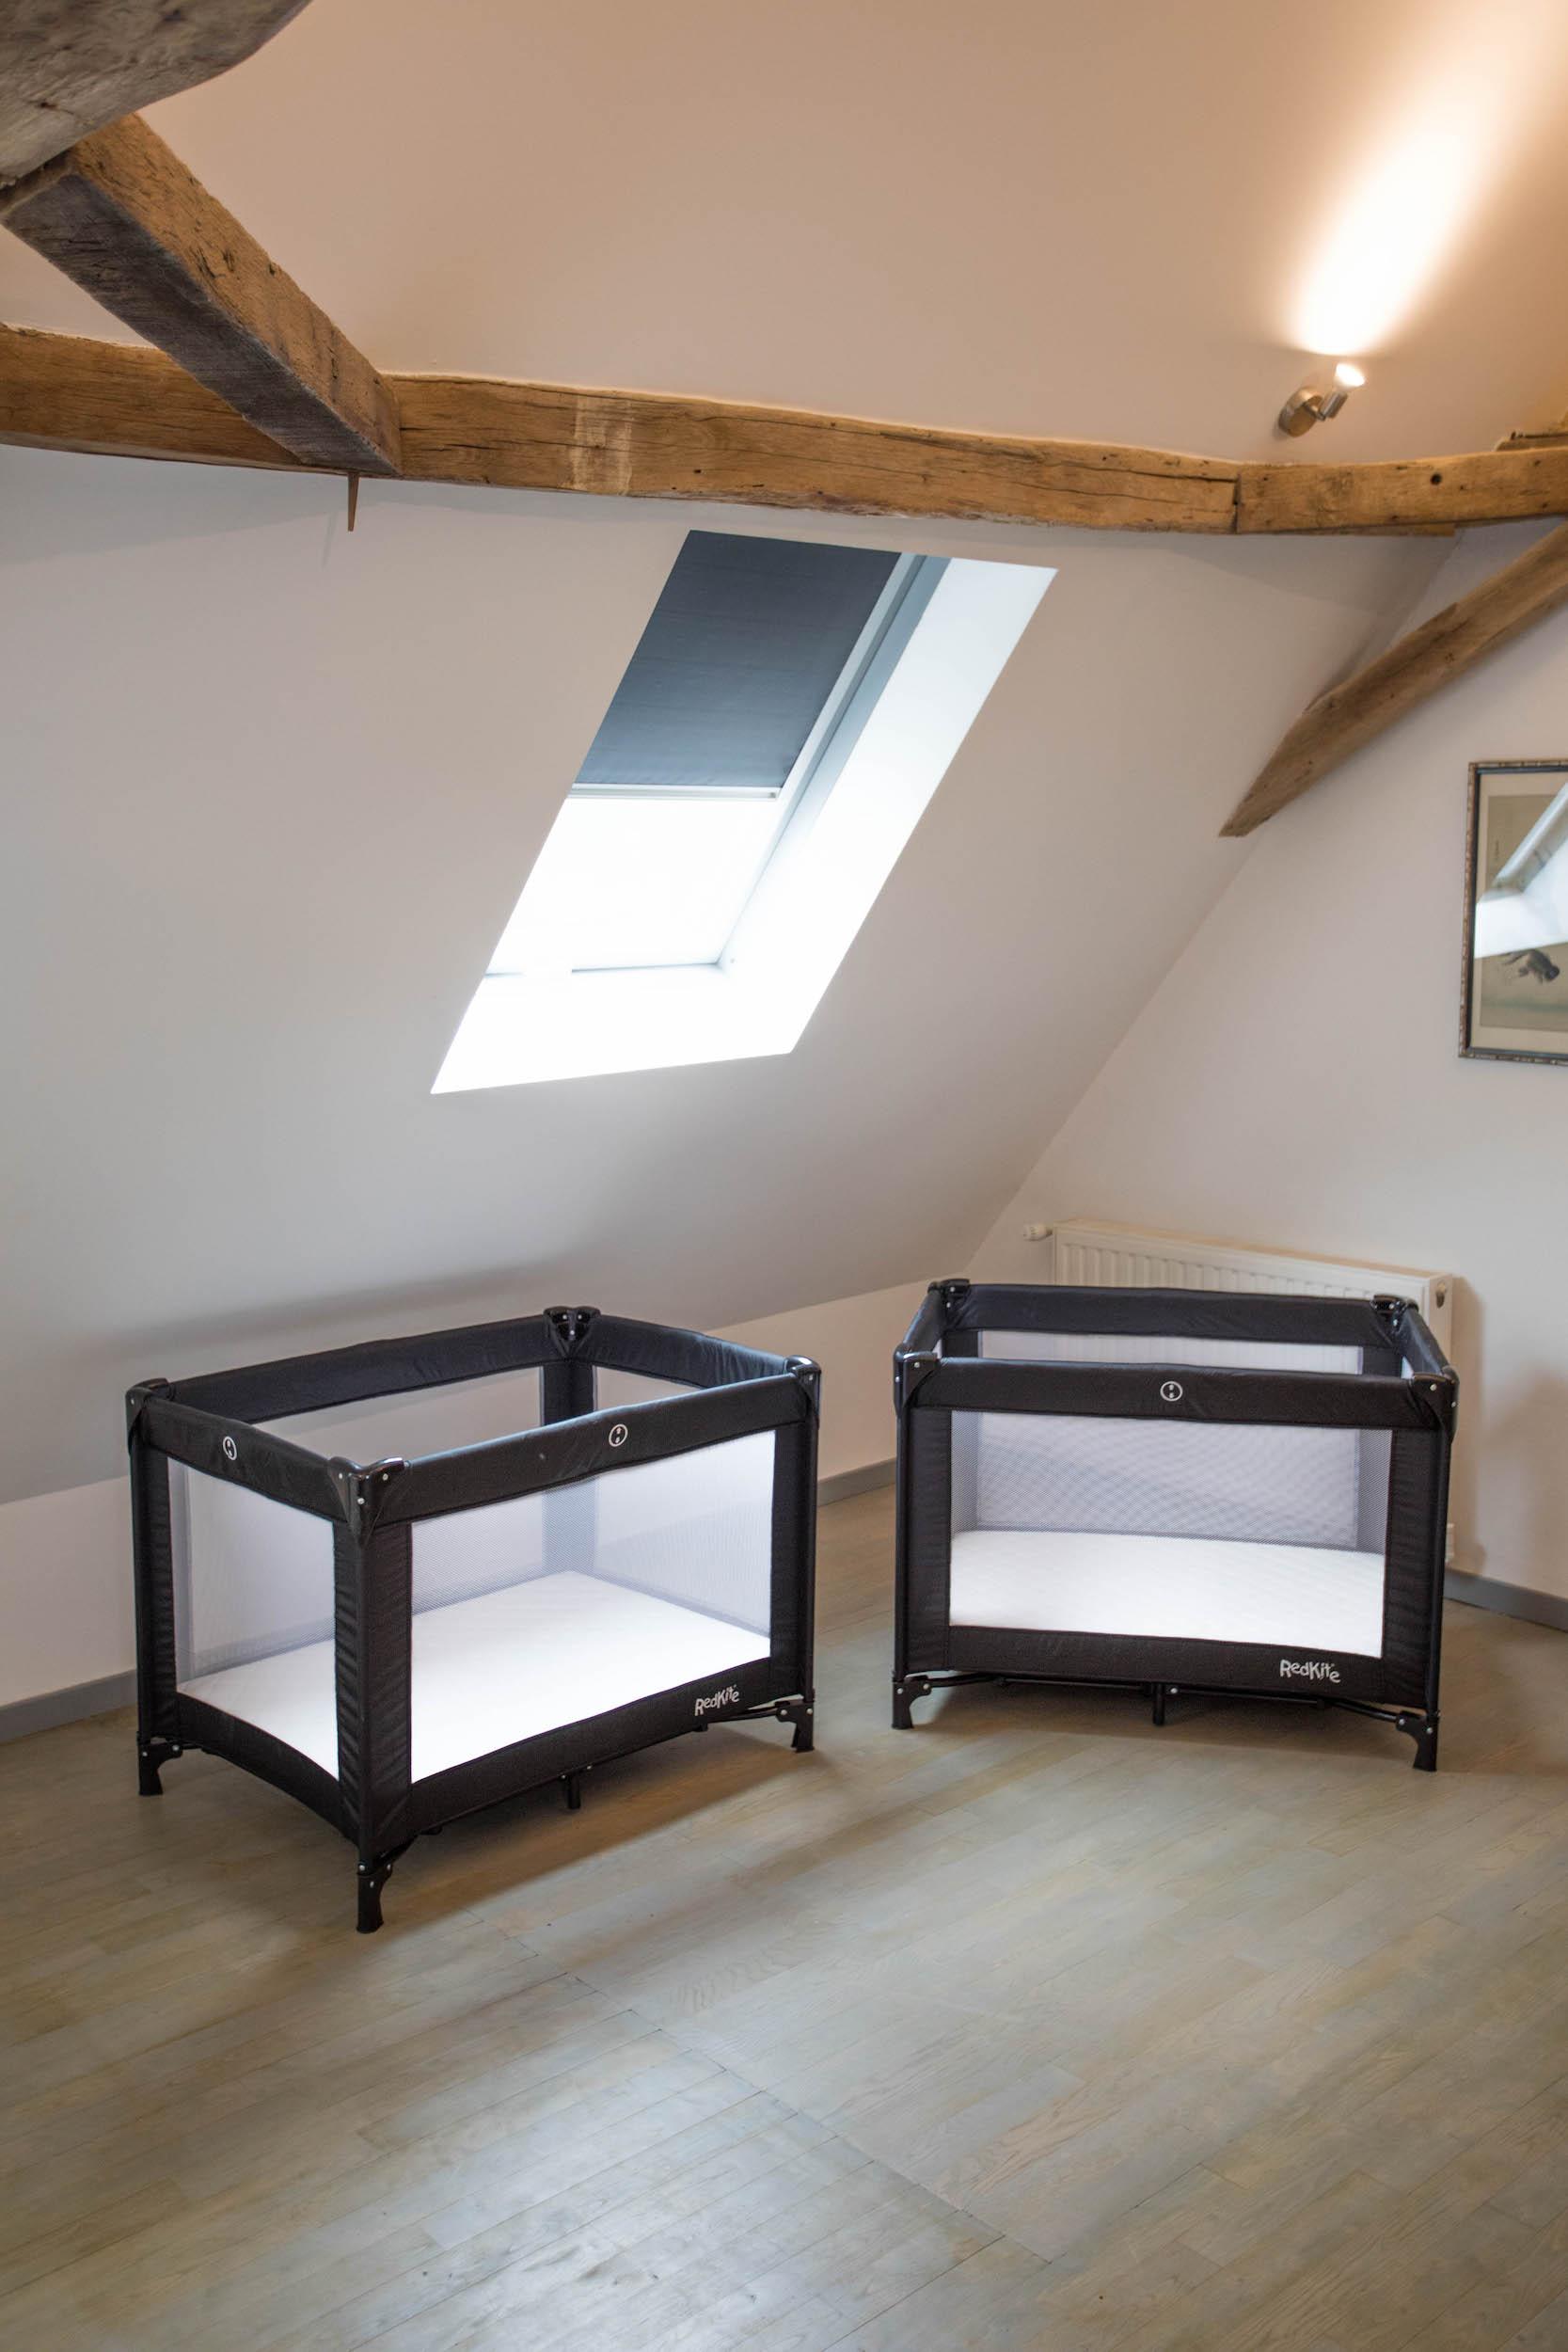 Twee reisbedjes en matrassen voor kinderen, in slaapkamer 1 van Le Mas, een 5-sterren vakantieverblijf in de Dordogne